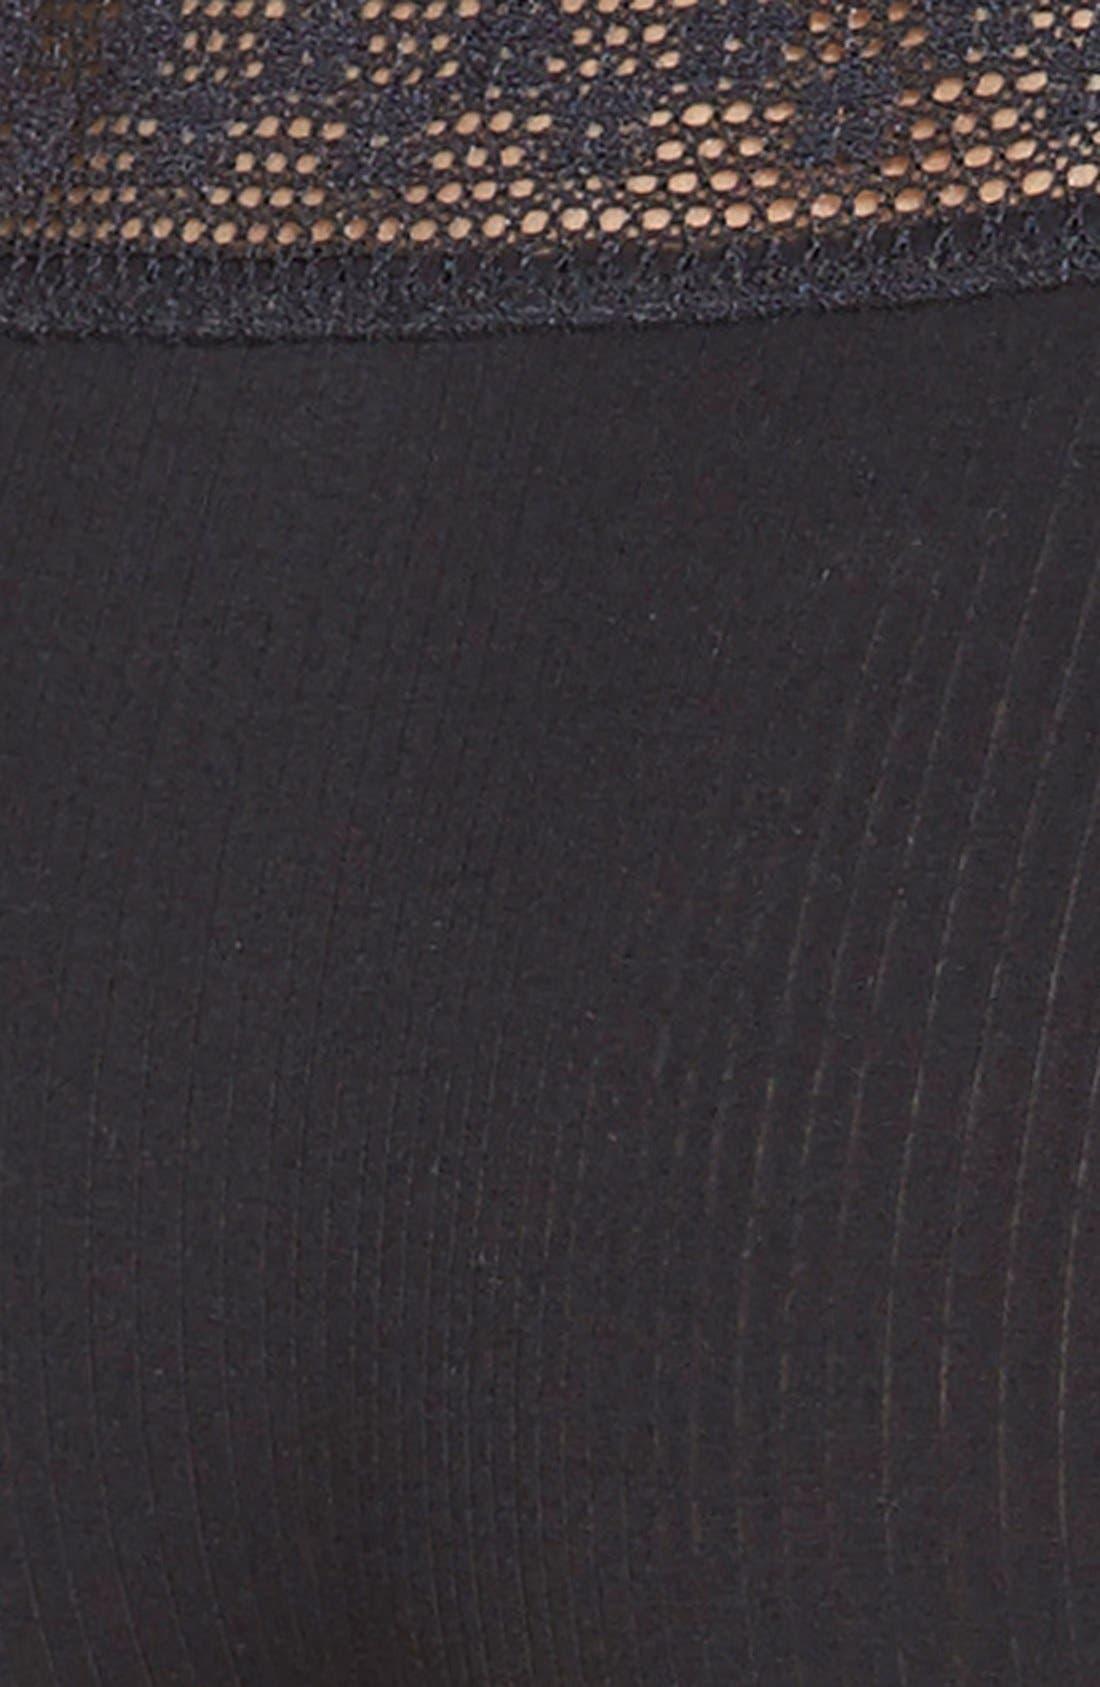 'Aubrie' Boy Leg Briefs,                             Alternate thumbnail 3, color,                             BLACK